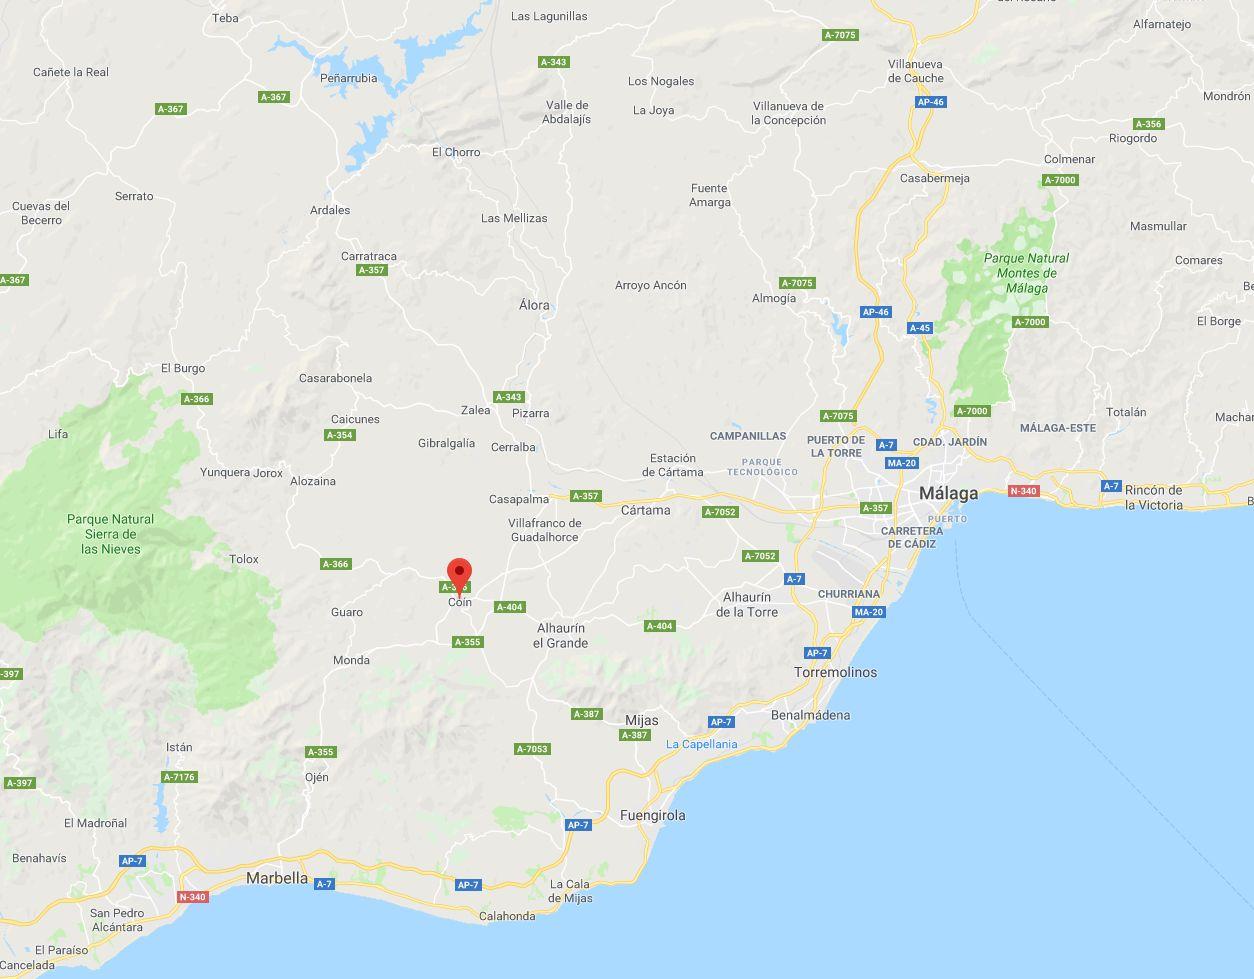 Muere un niño de 11 años por el disparo de una escopeta en Coín